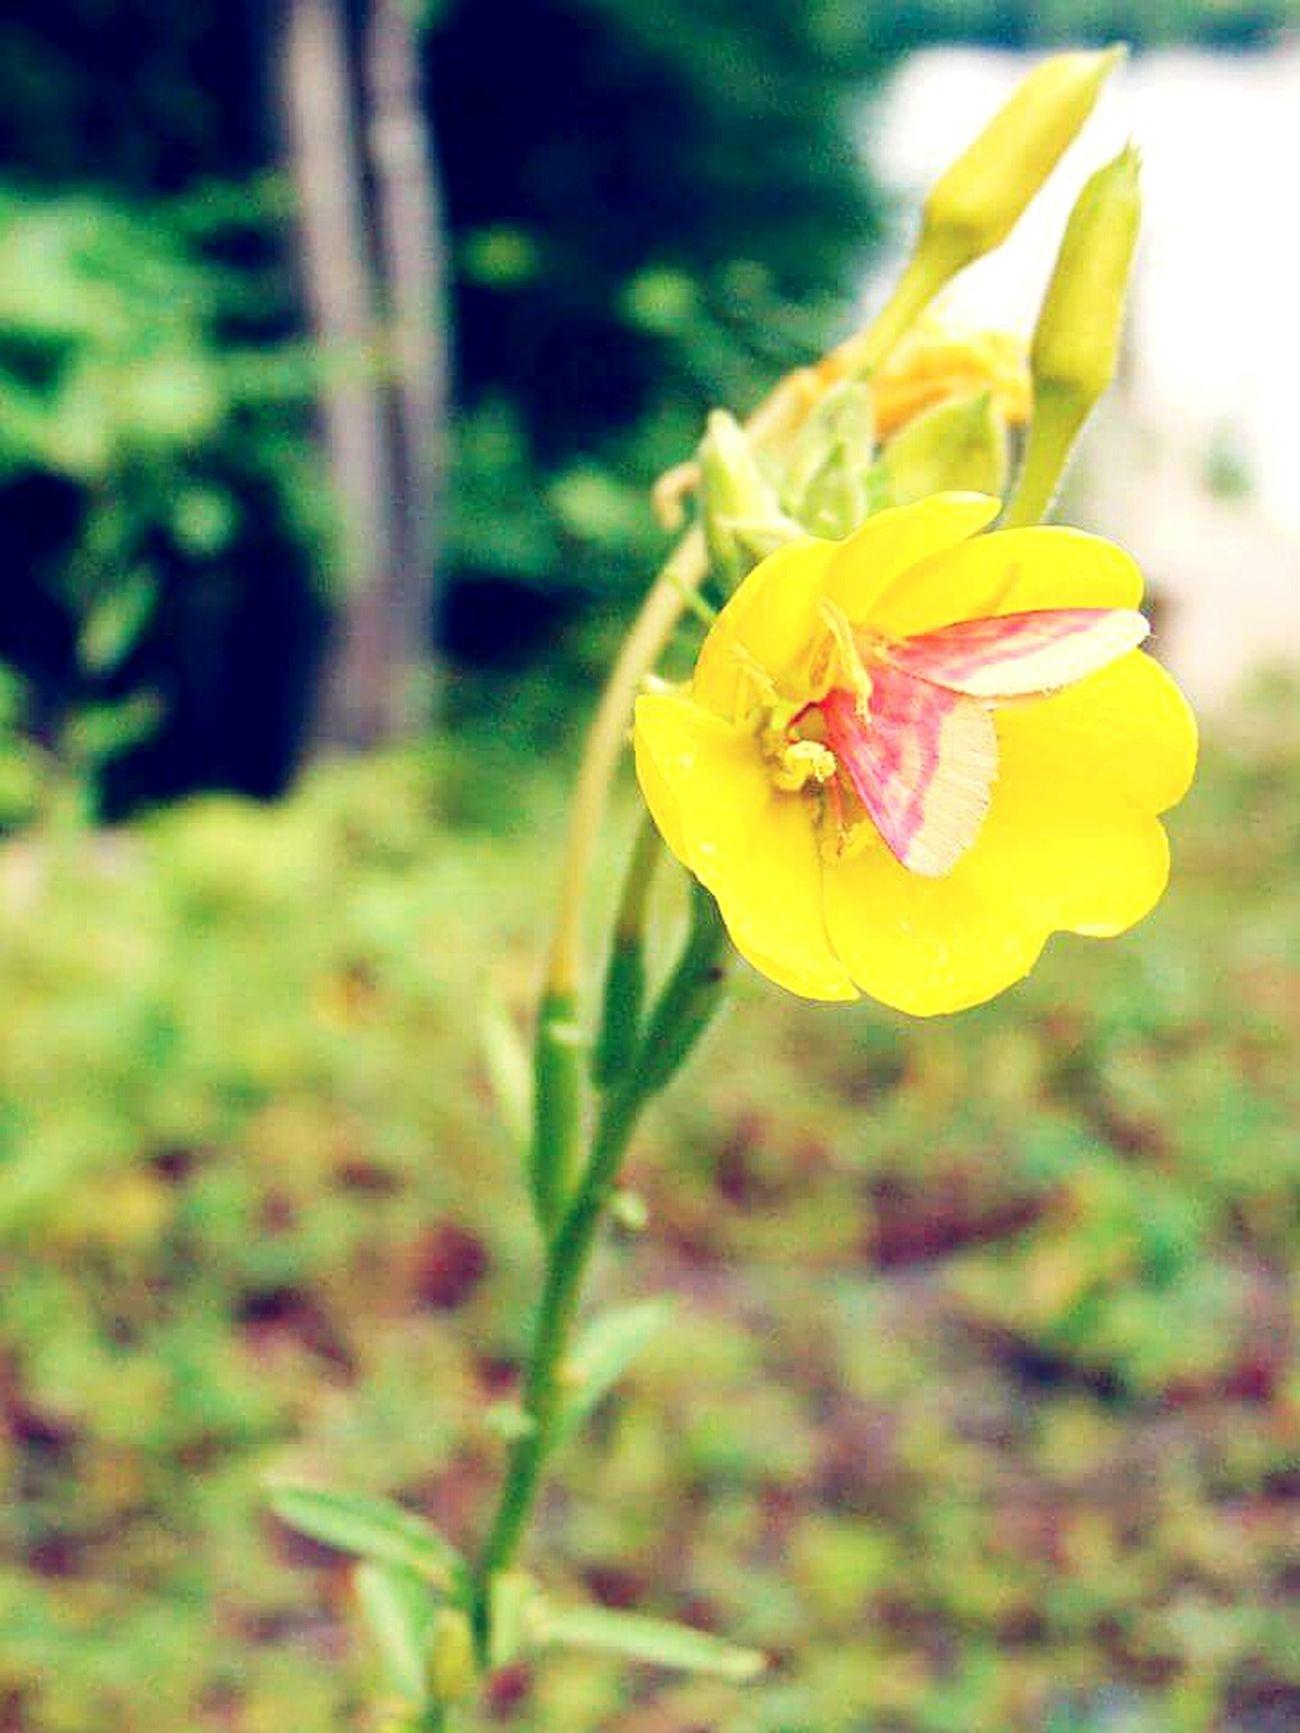 Fleur ♡ Flowers,Plants & Garden